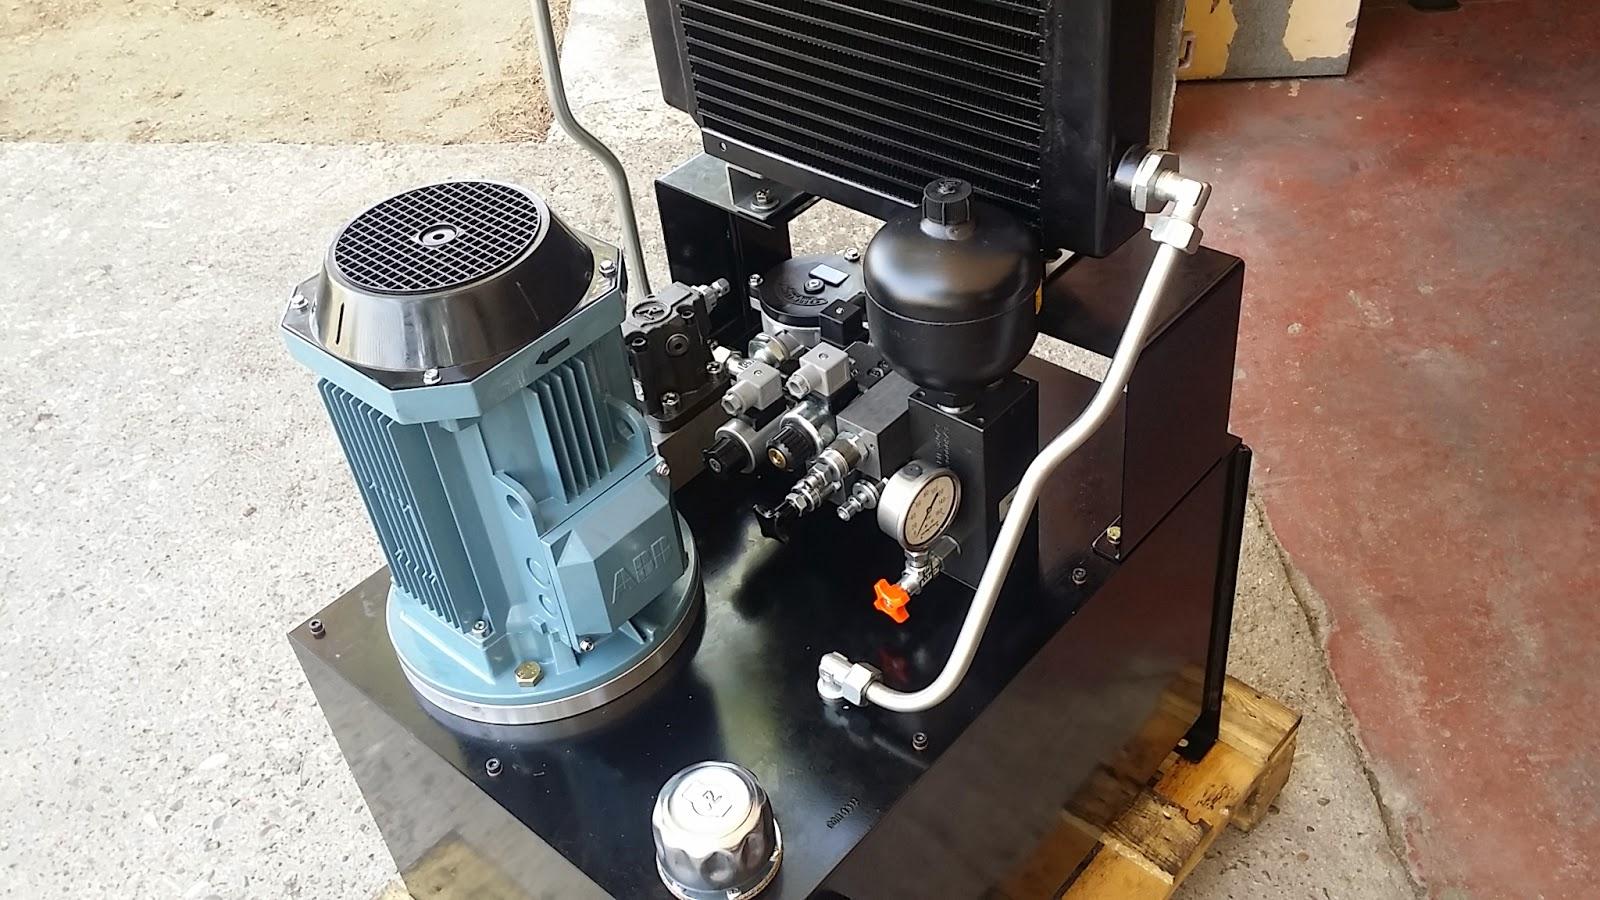 Central hidráulica acumulador bloque manifold